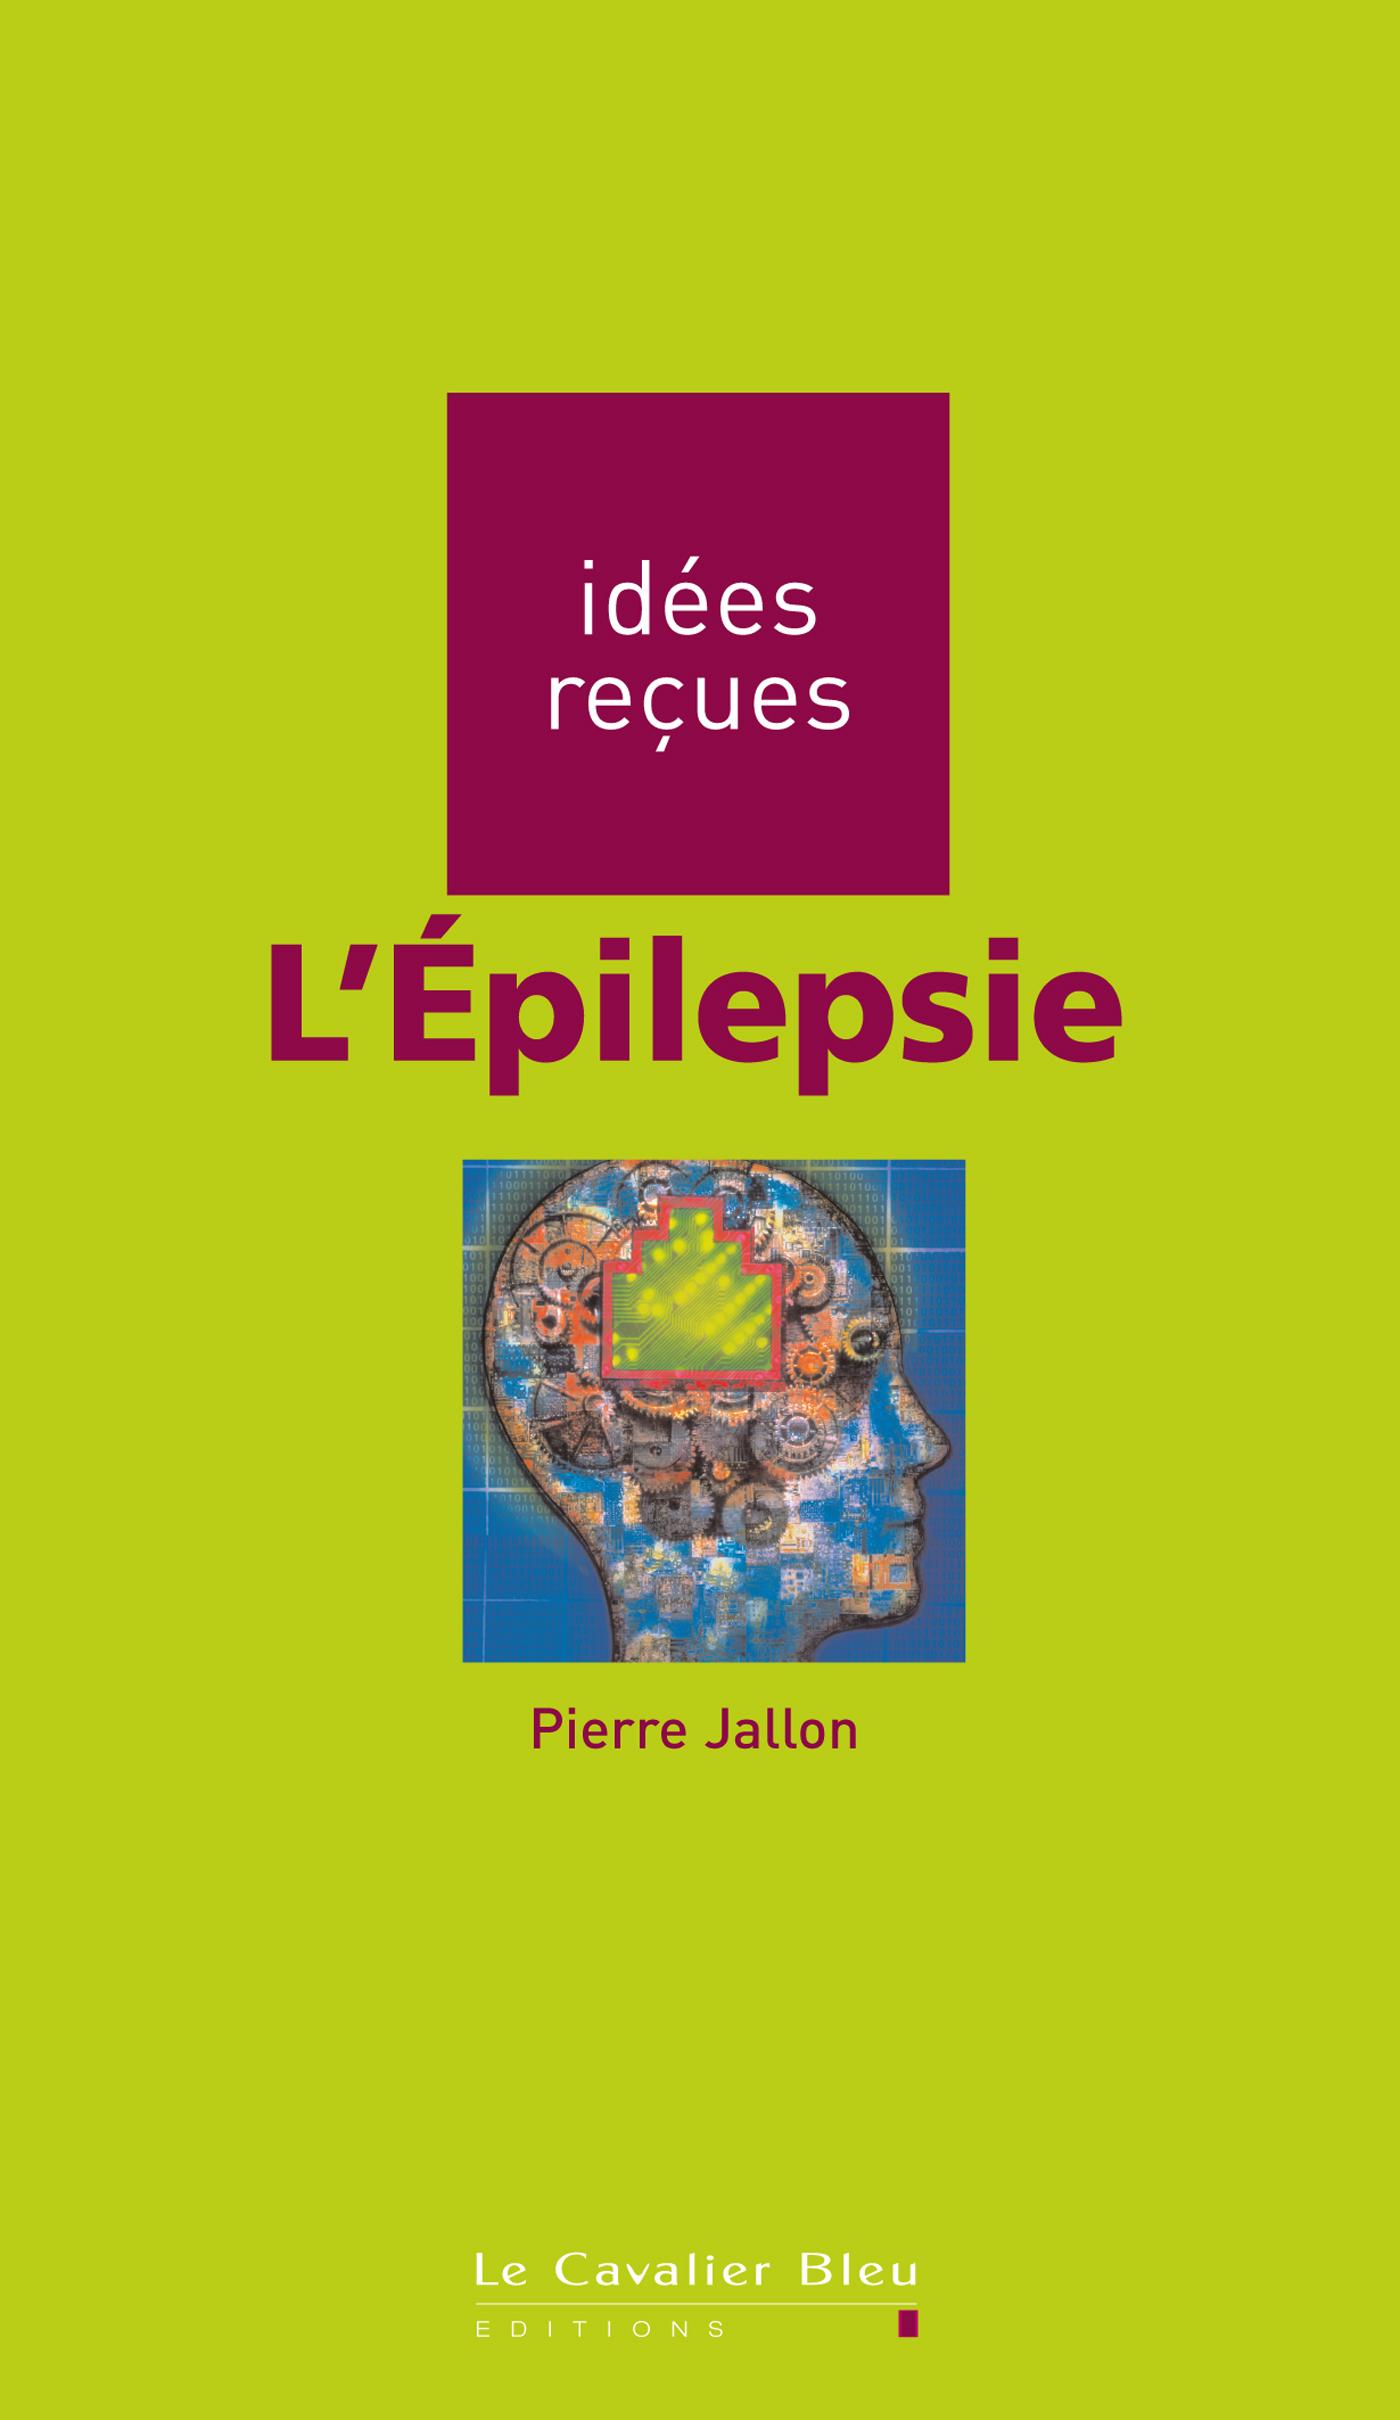 L'EPILEPSIE - IDEES RECUES SUR L'EPILEPSIE